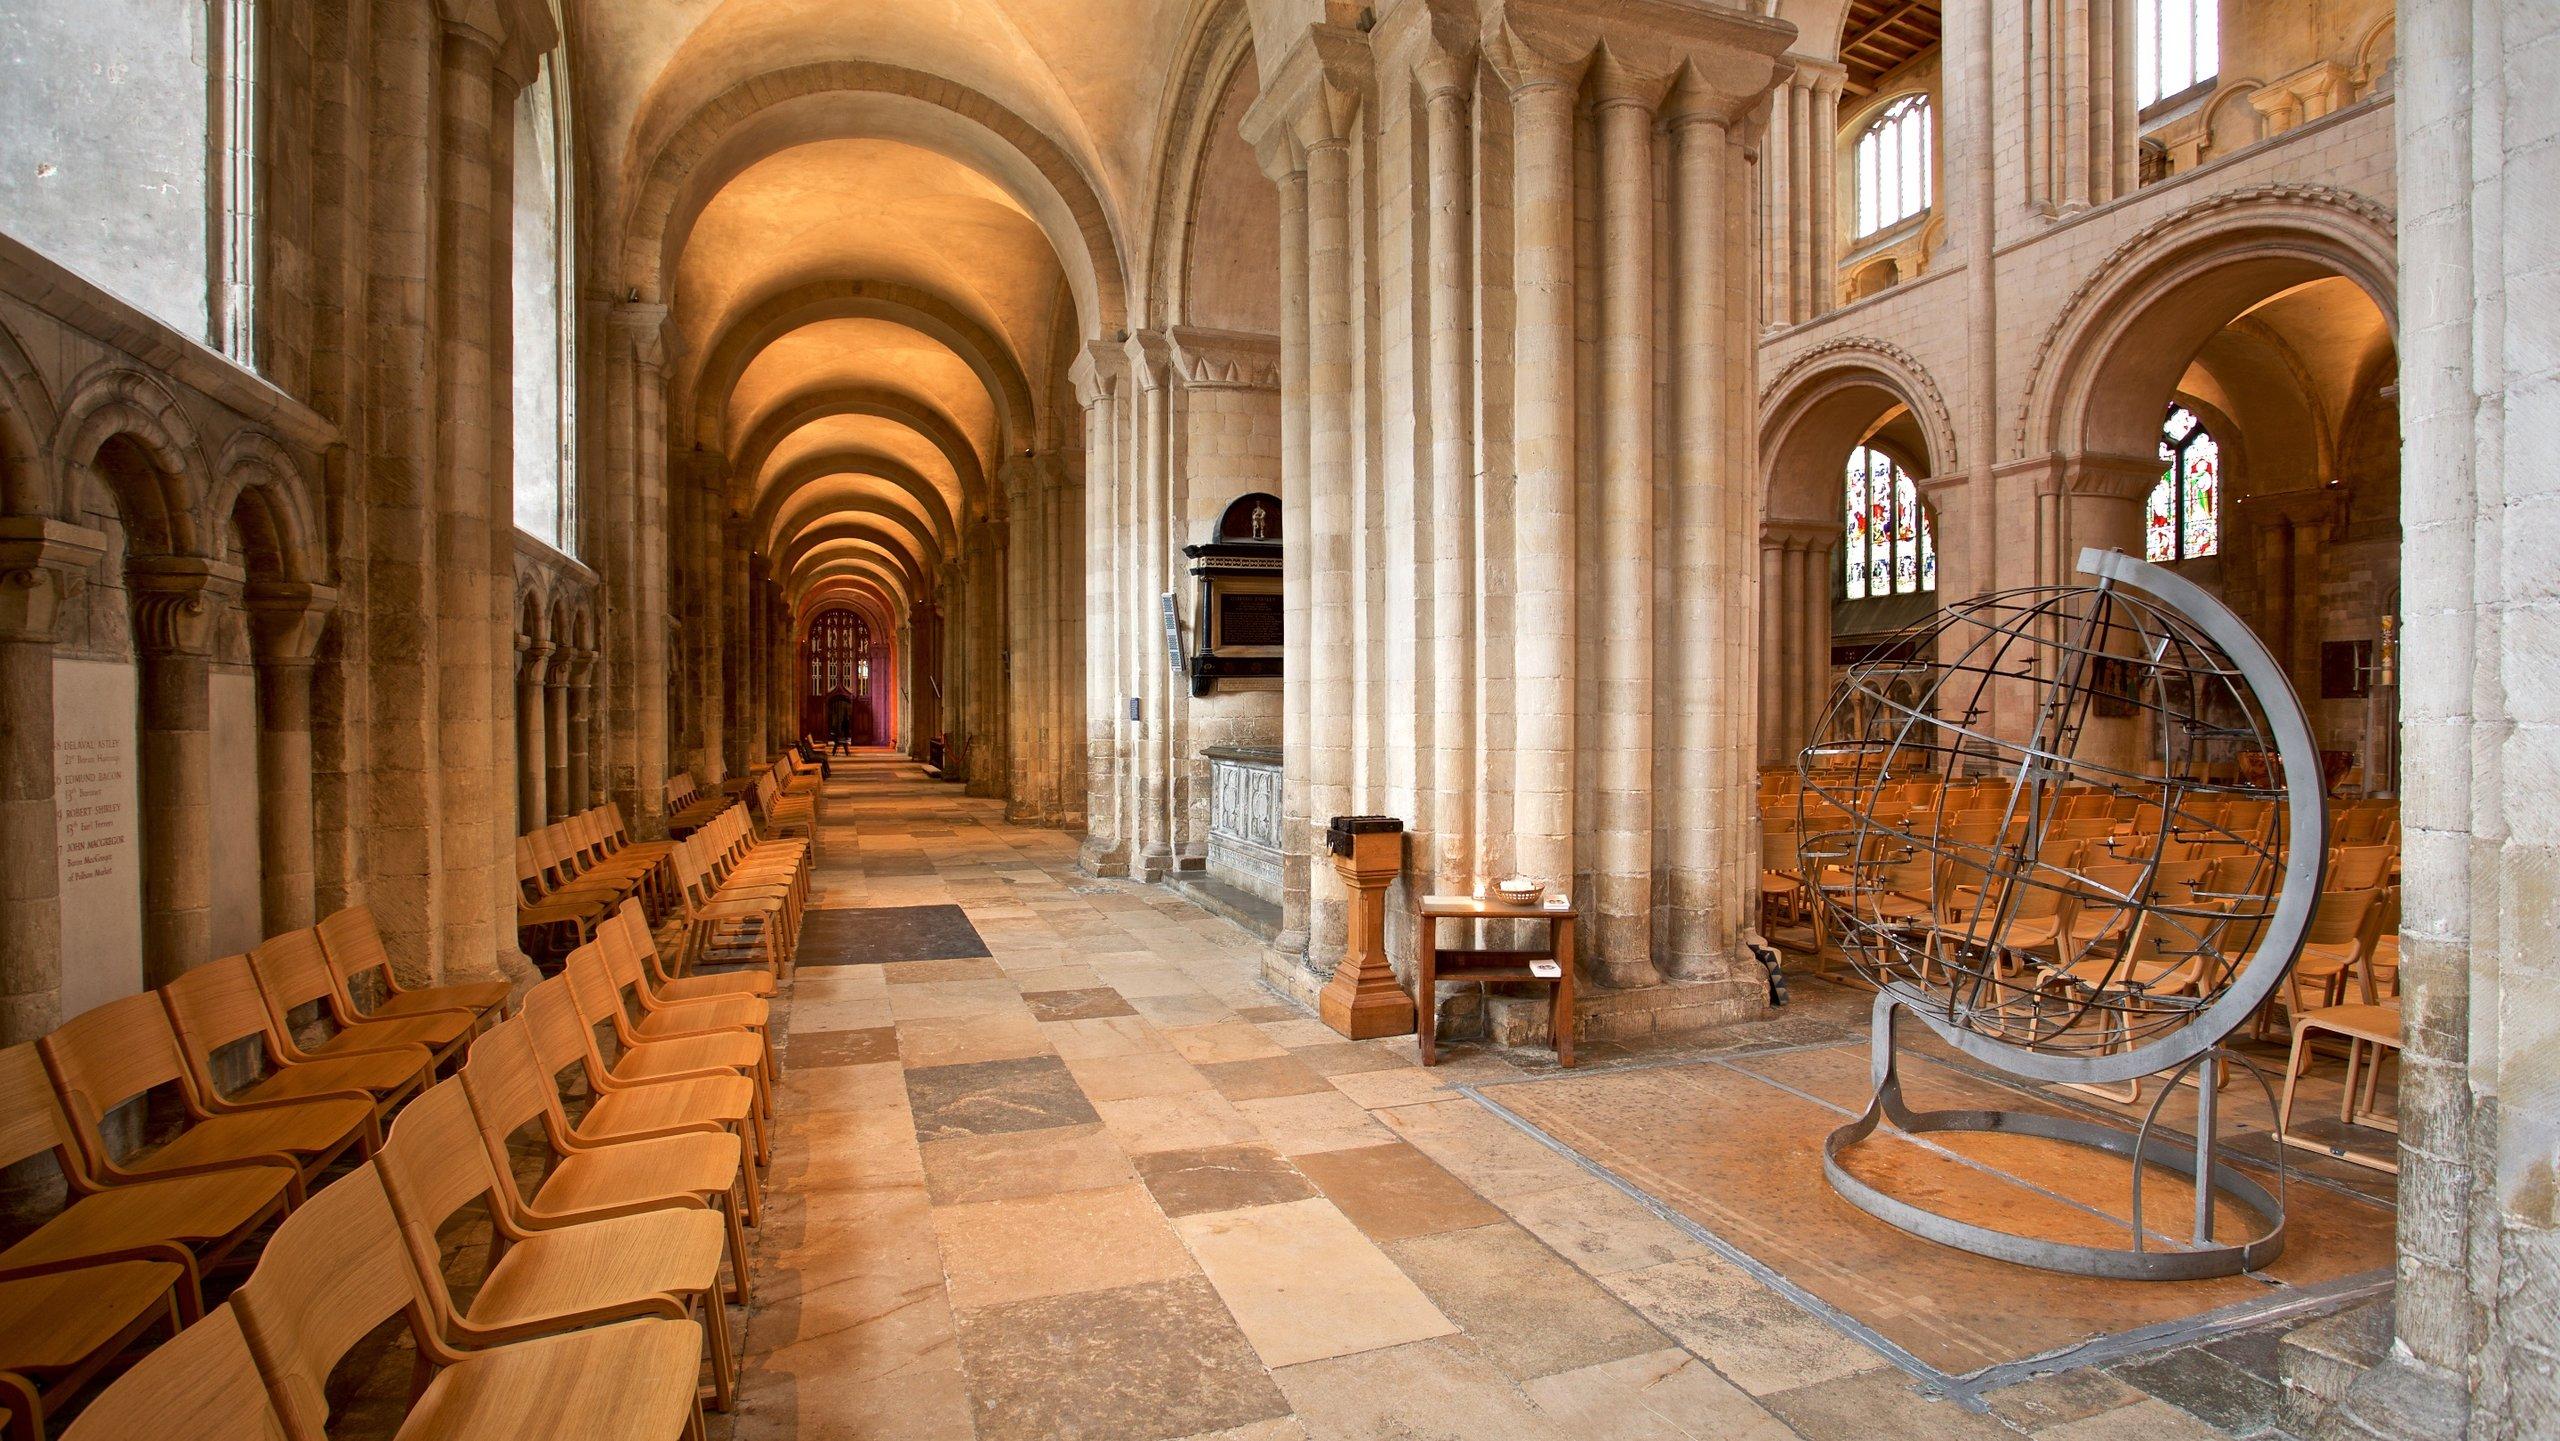 Norwich Cathedral, Norwich, England, United Kingdom